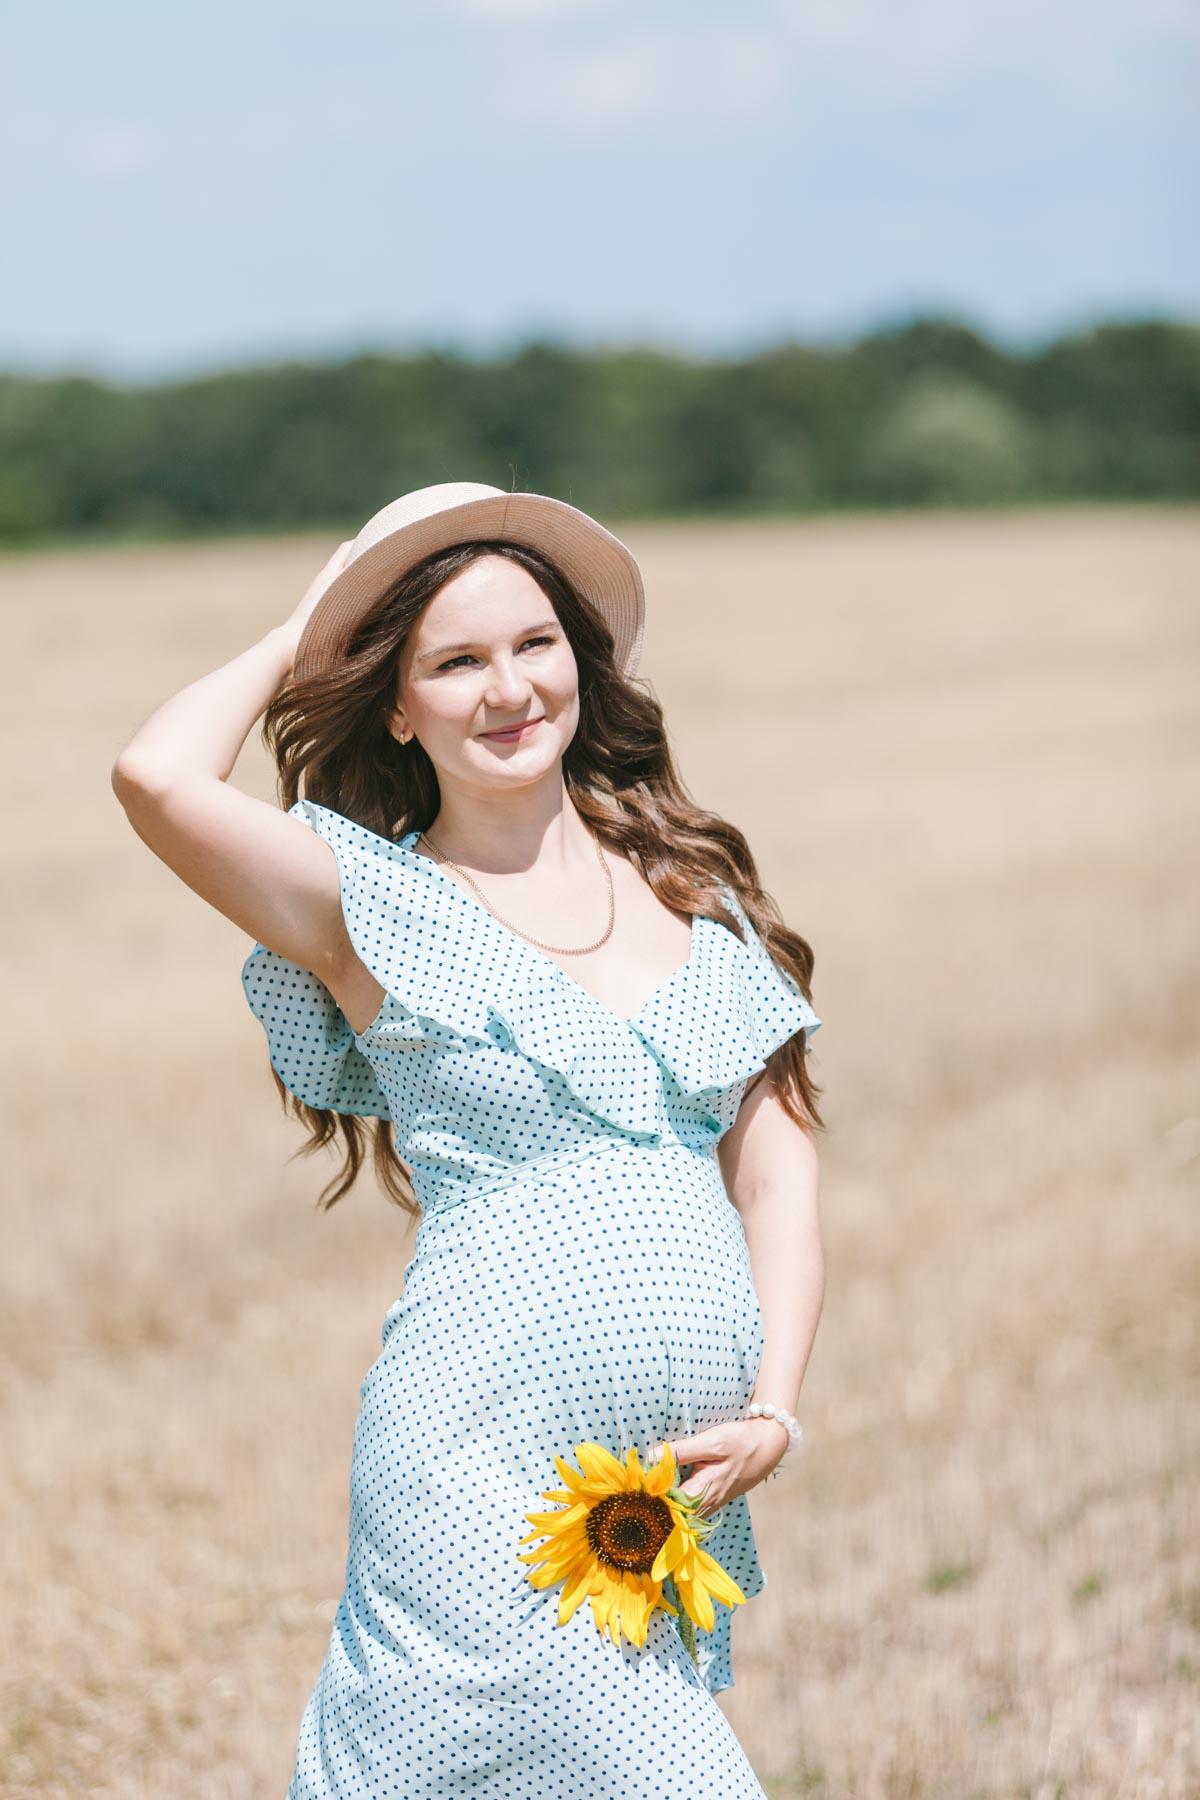 Беременная девушка в голубом платье с подсолнухом в руках